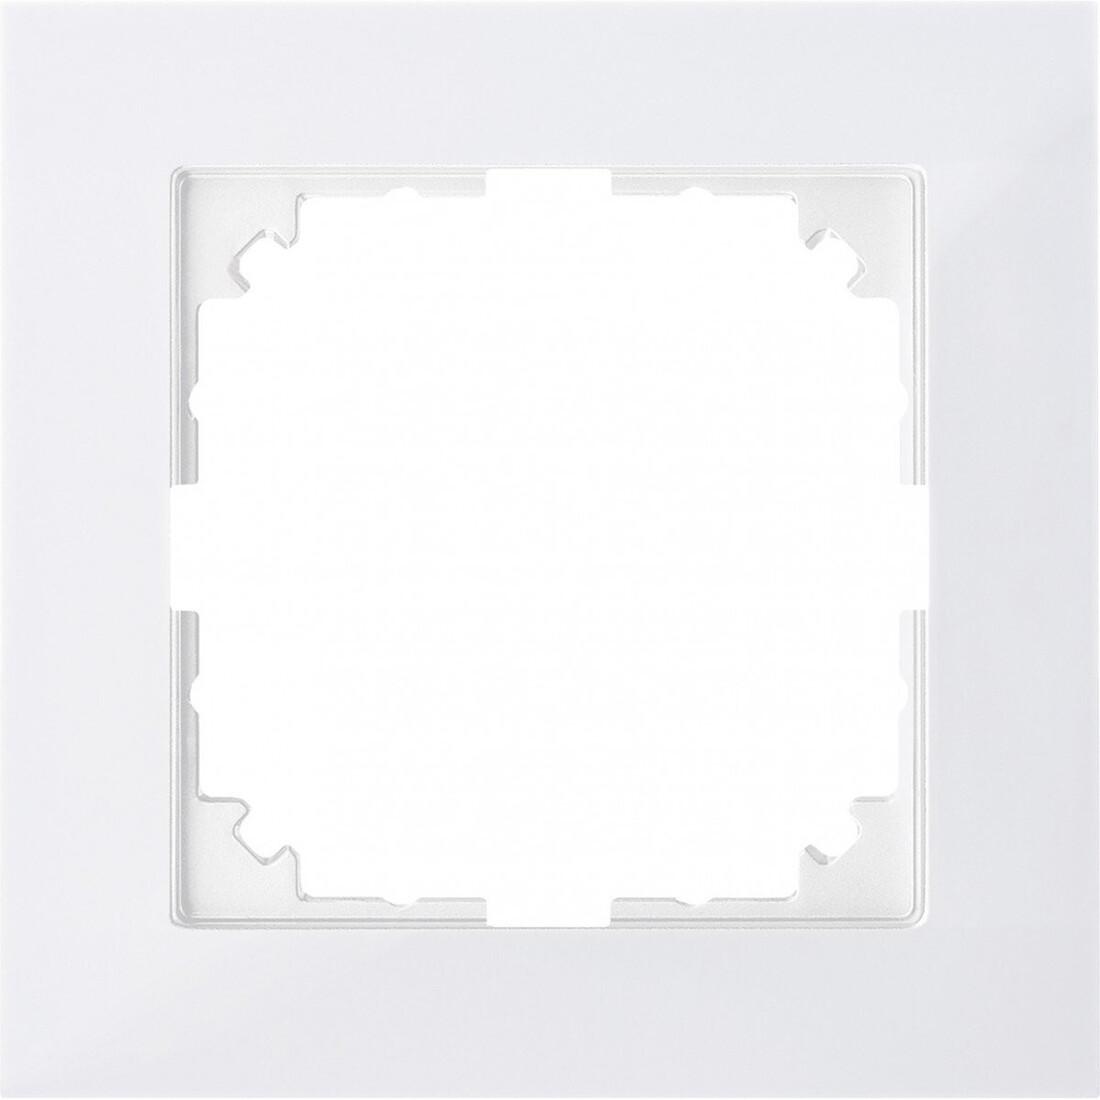 Schneider Electric Merten M-Pure 1-voudig afdekraam - polarwit glanzend (MEG4010-3619)